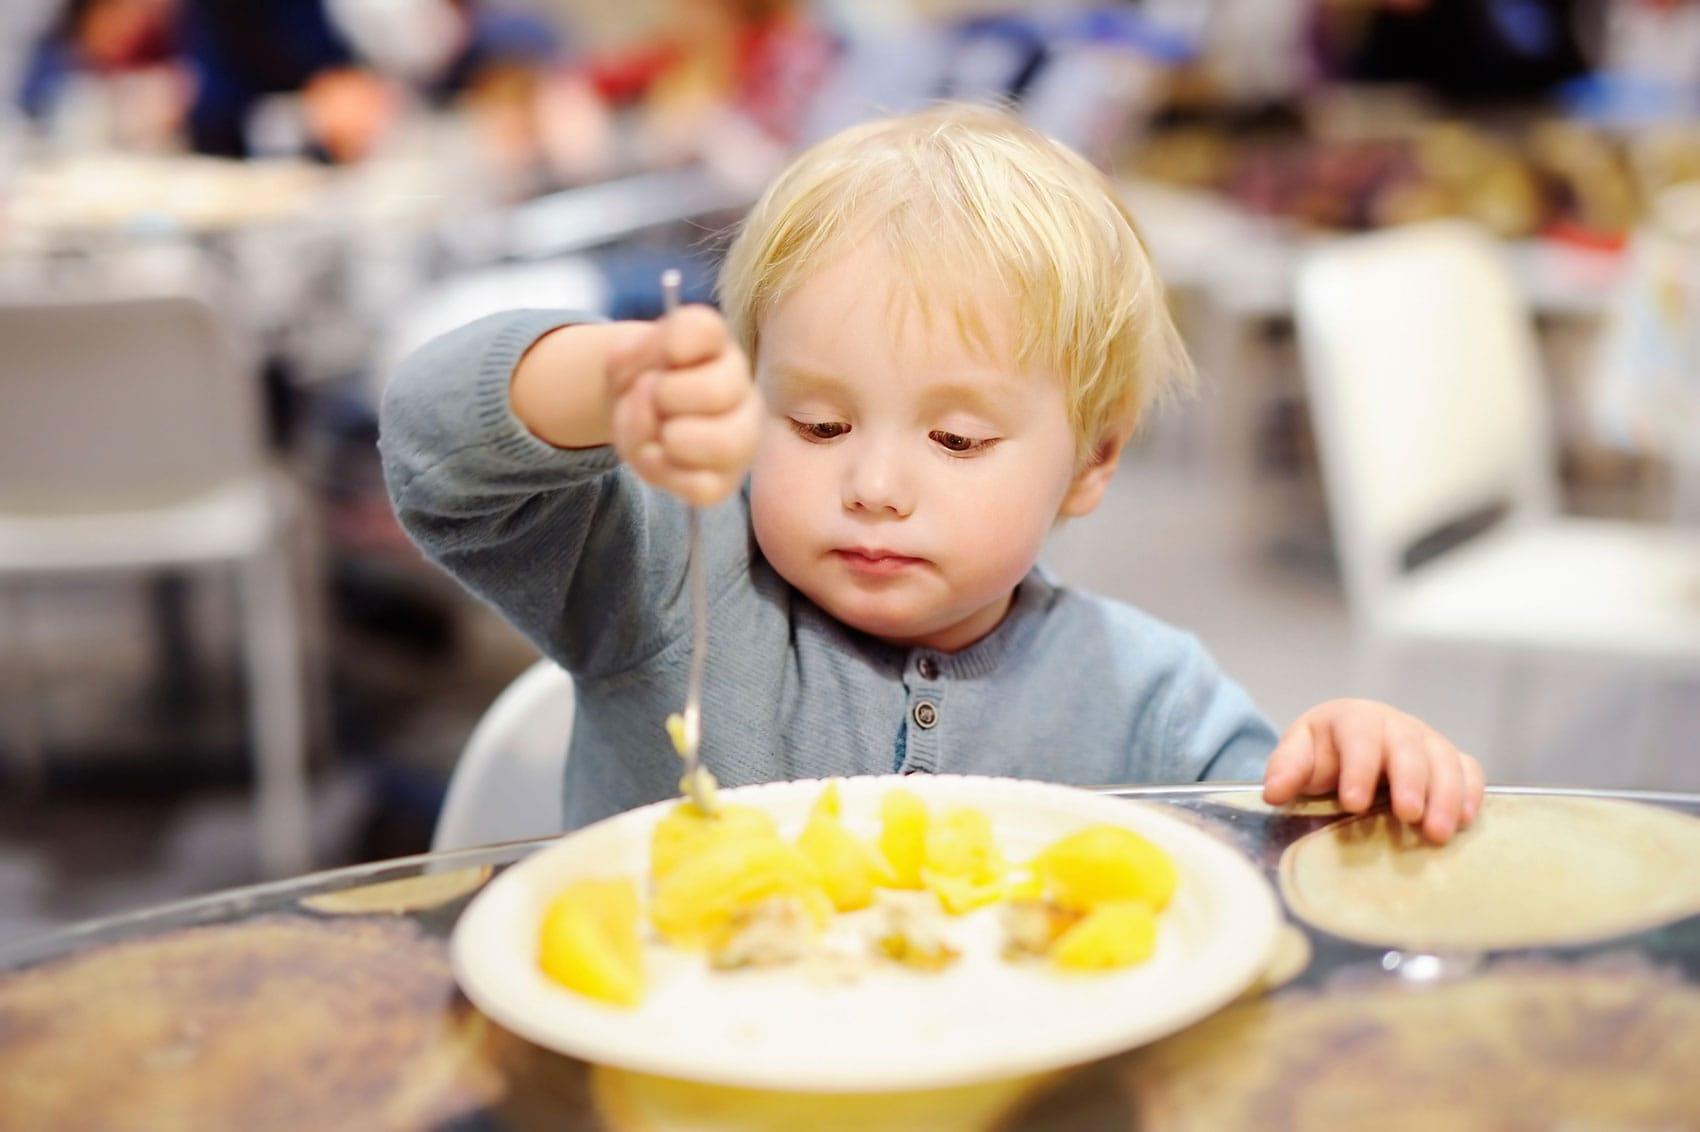 toddler_boy_eating.jpg?h=1132&w=1700